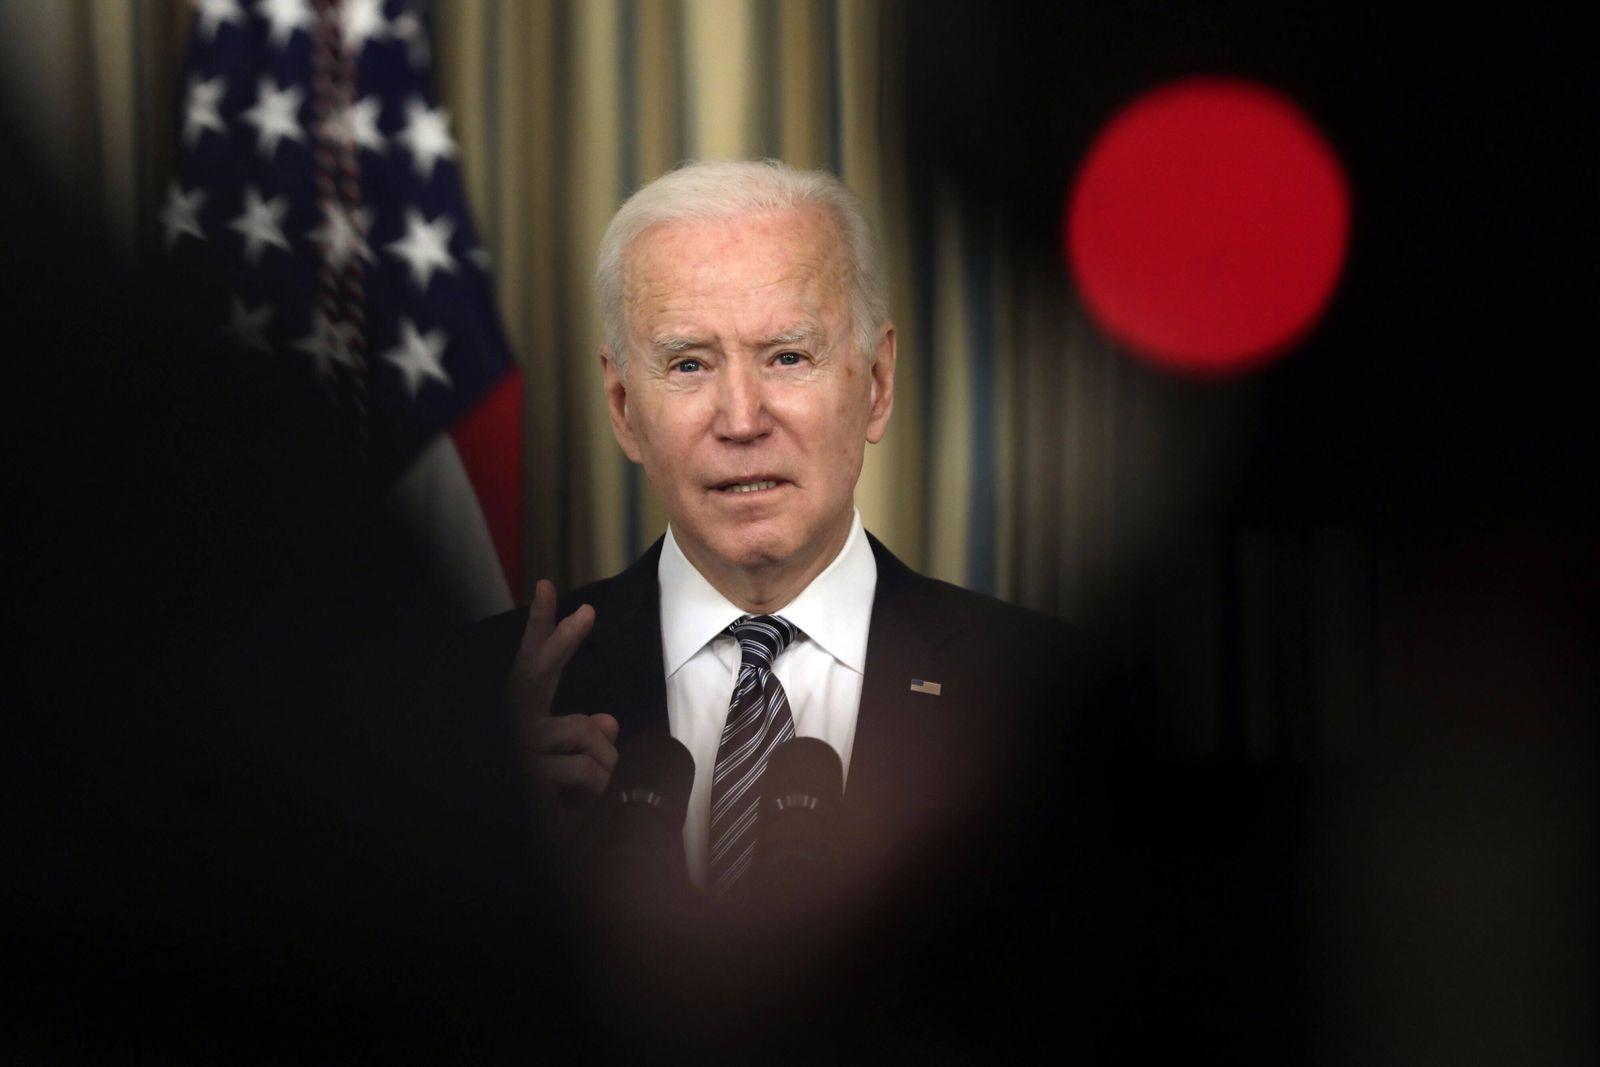 USA, Joe Biden Rede zur Umsetzung des amerikanischen Rettungsplans im Weißen Haus U.S. President Joe Biden delivers rem